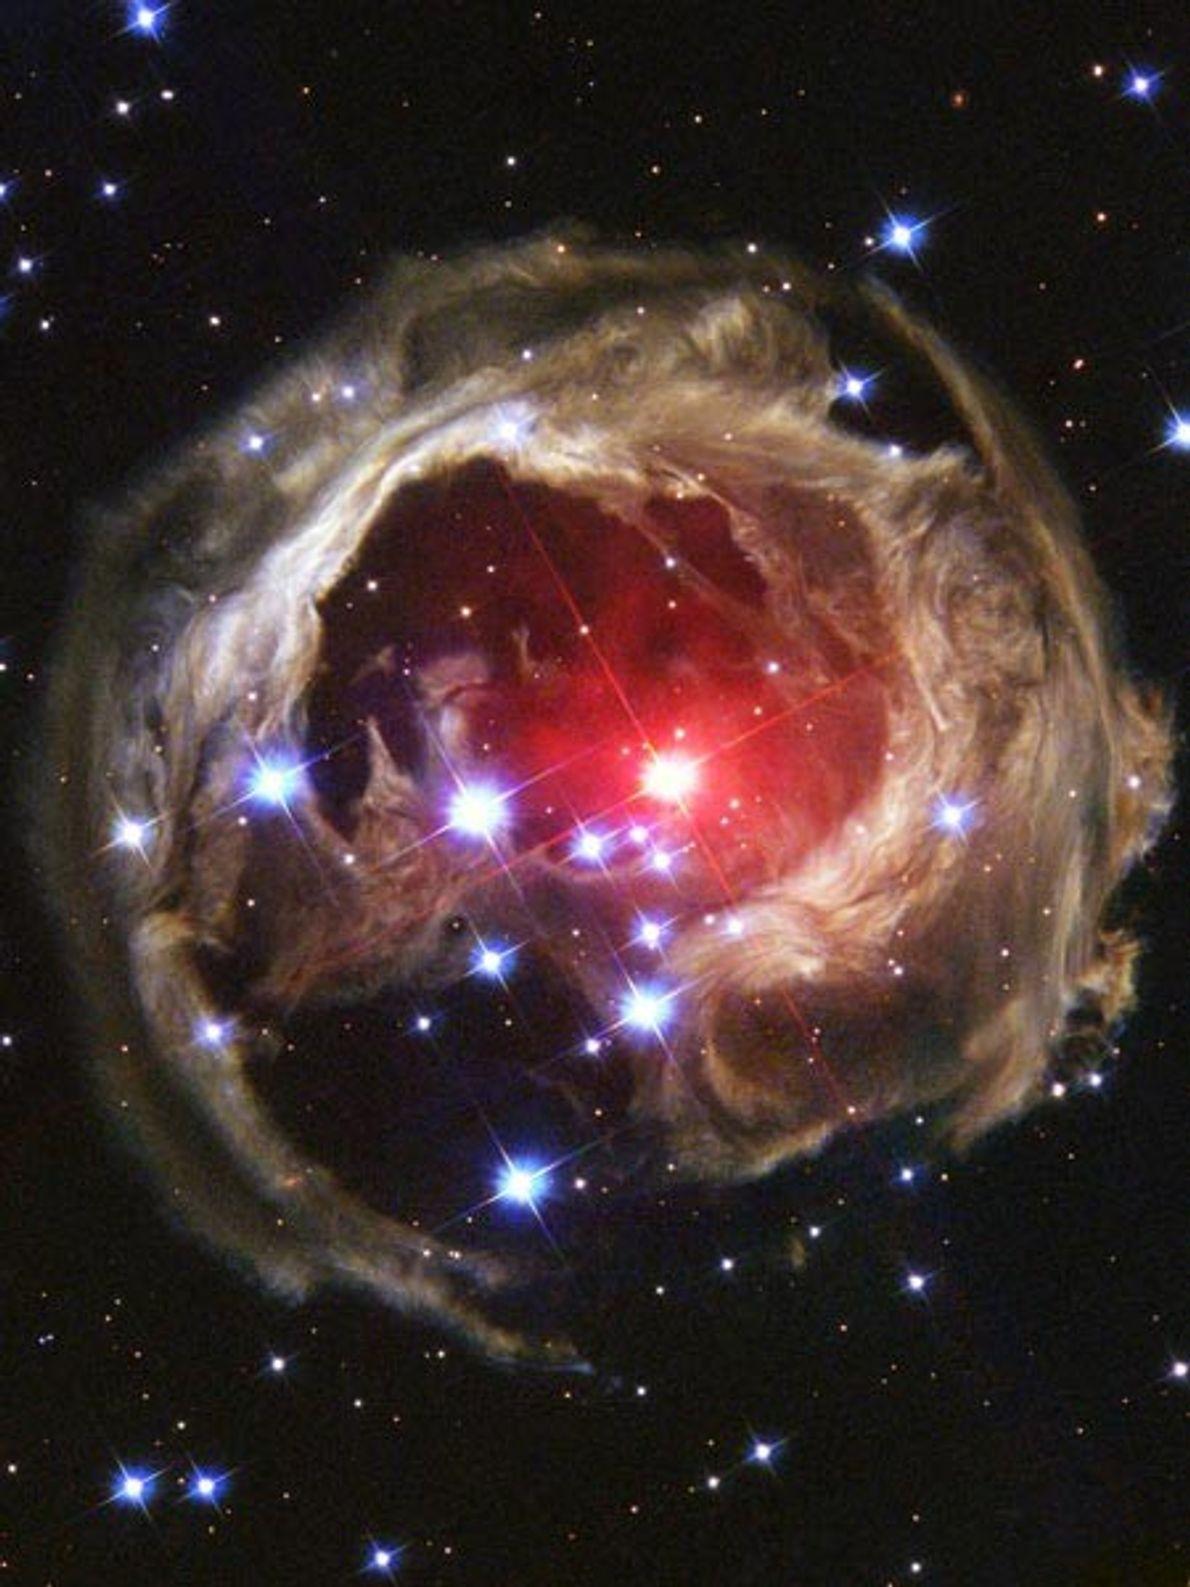 ECO DE LUZ - Un pulso de luz emitido en 2002 por una estrella supergigante roja ...